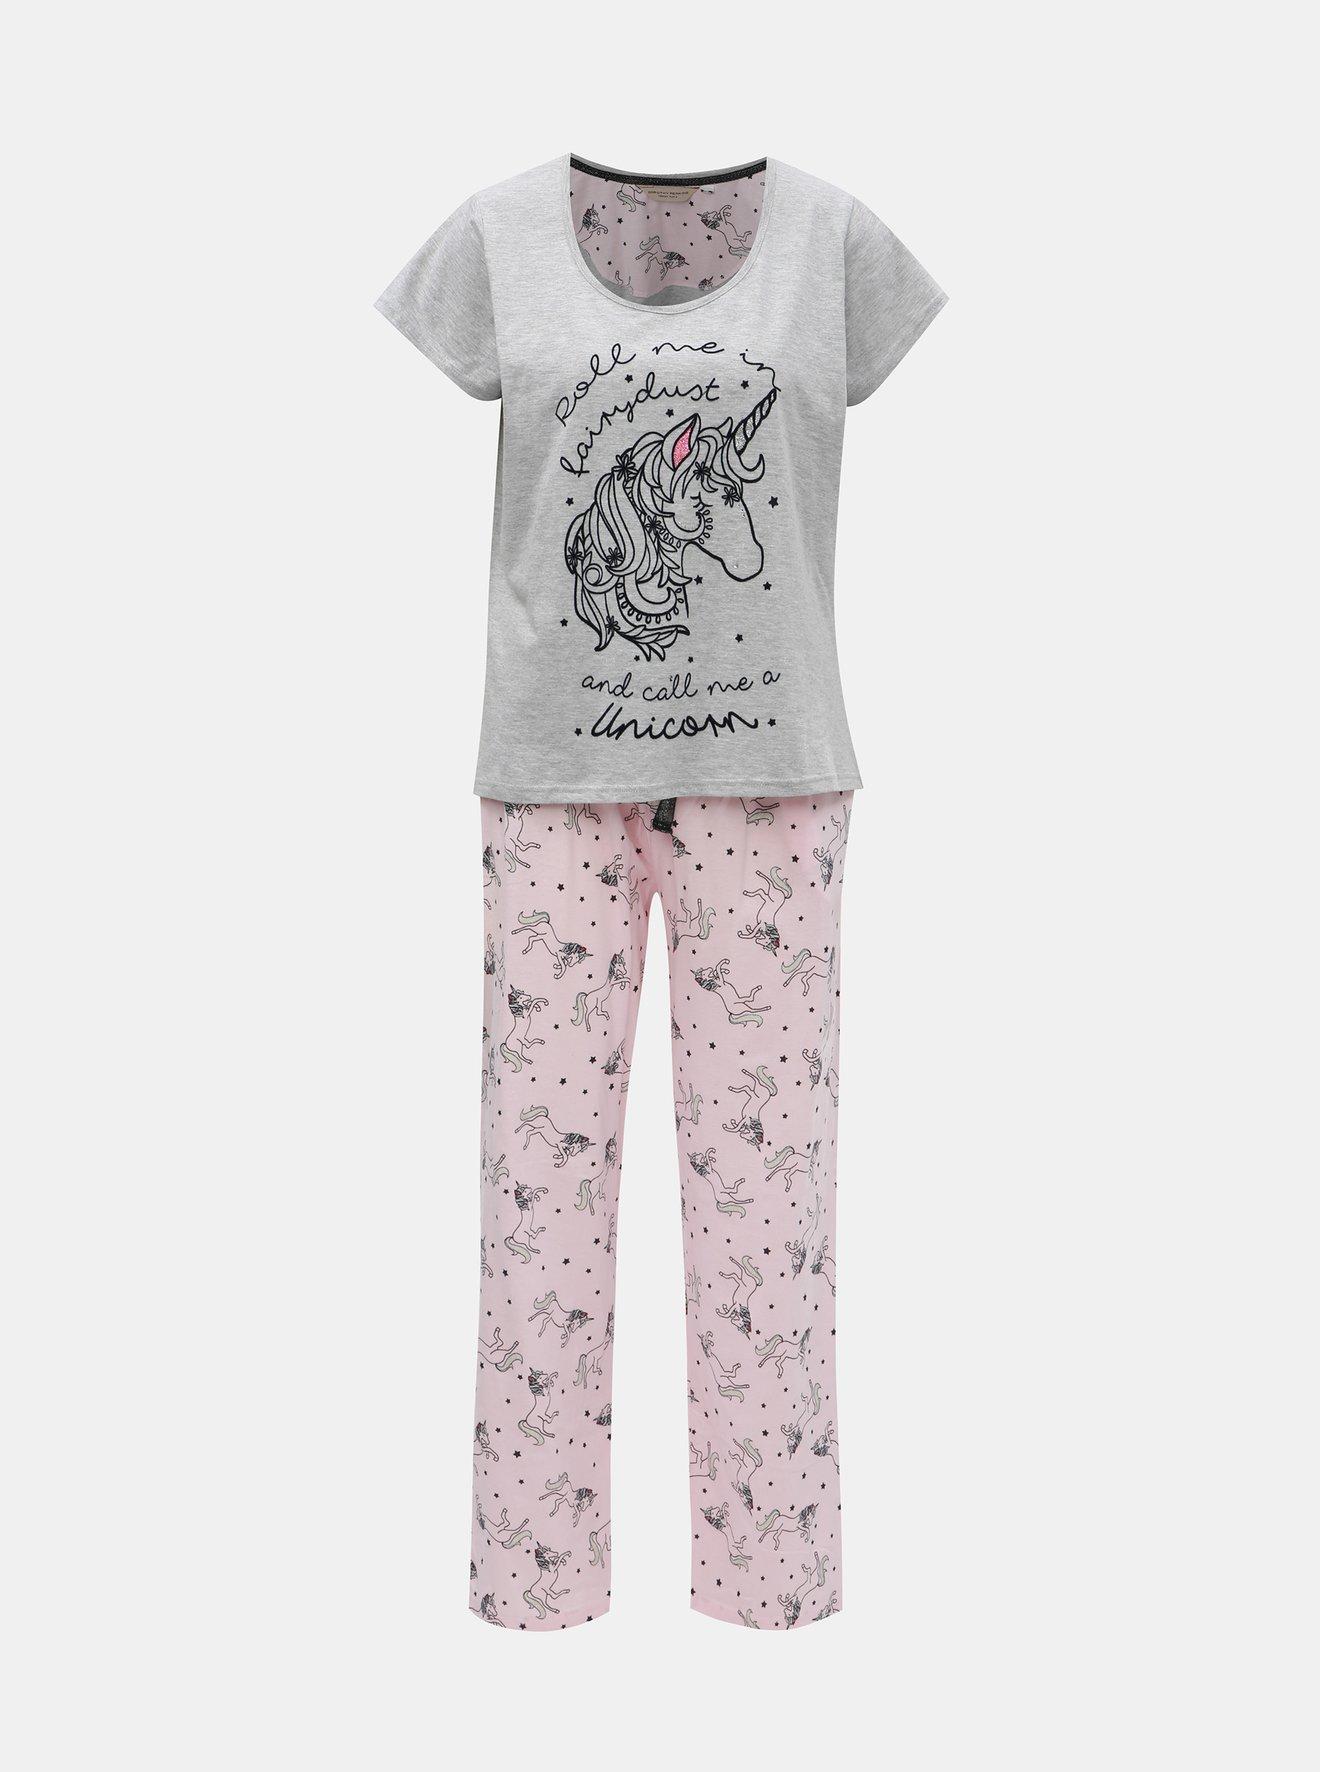 Šedo-růžové dvoudílné pyžamo s motivem jednorožce a sametovými detaily Dorothy Perkins